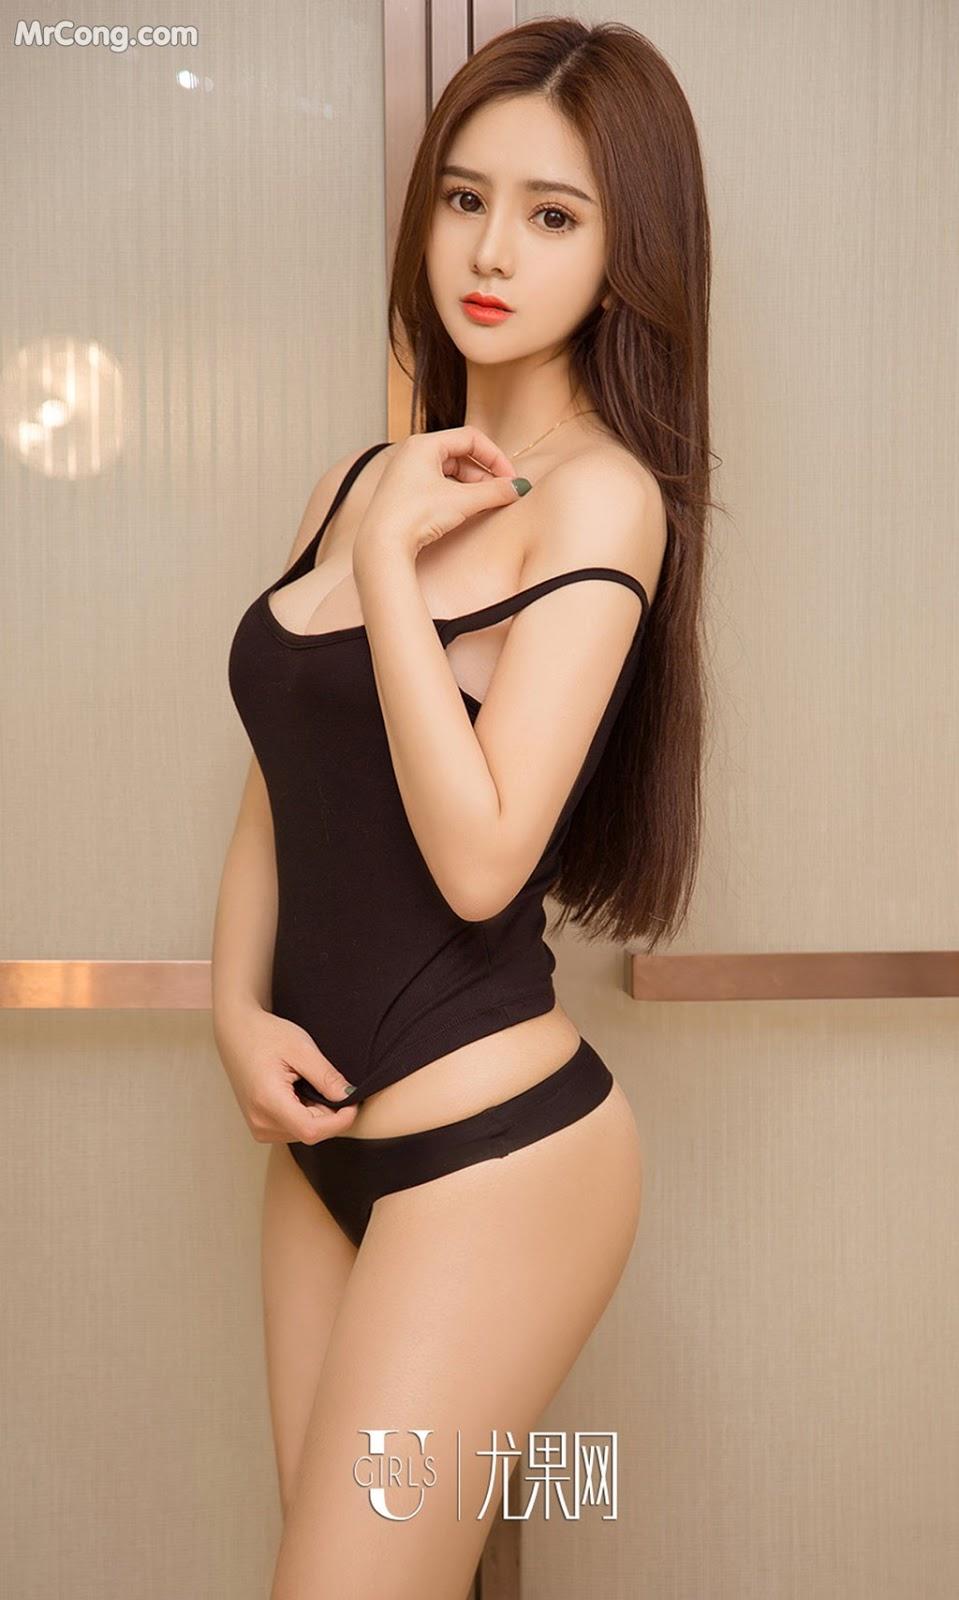 Image UGIRLS-Ai-You-Wu-App-No.1012-Zhang-Duo-Duo-MrCong.com-016 in post UGIRLS – Ai You Wu App No.1012: Người mẫu Zhang Duo Duo (张多多) (40 ảnh)